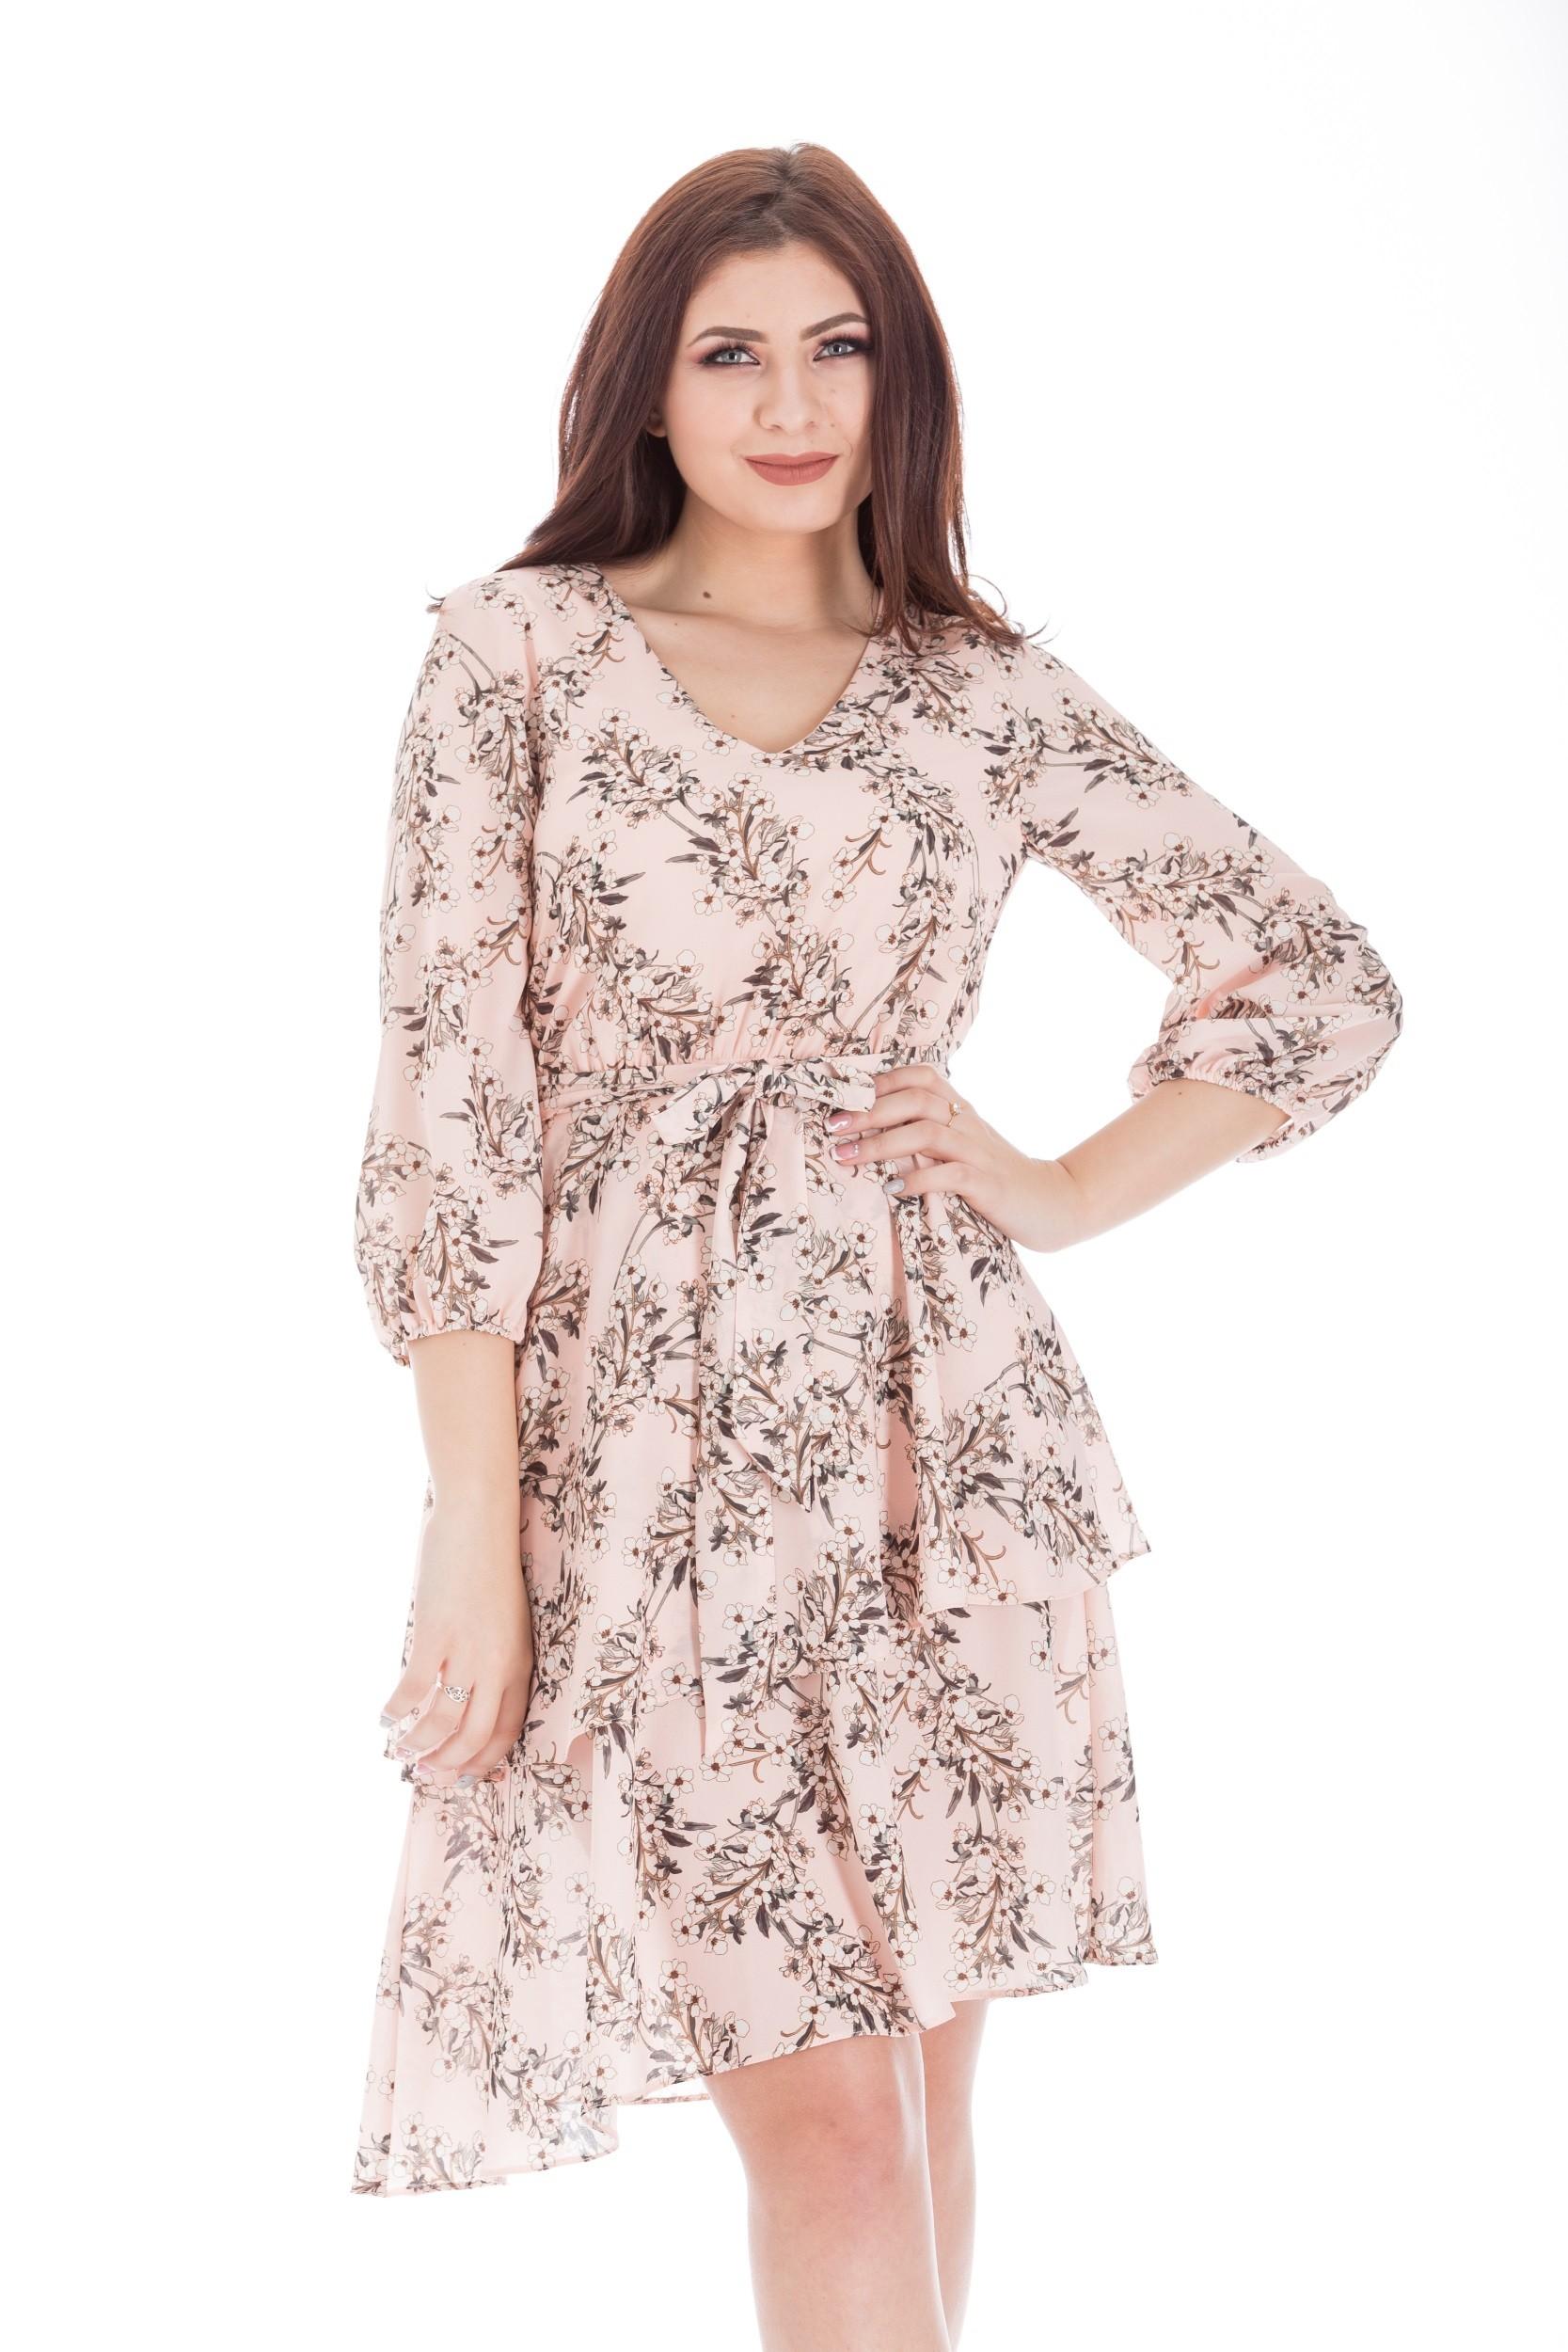 Rochie cu model floral si snur in talie